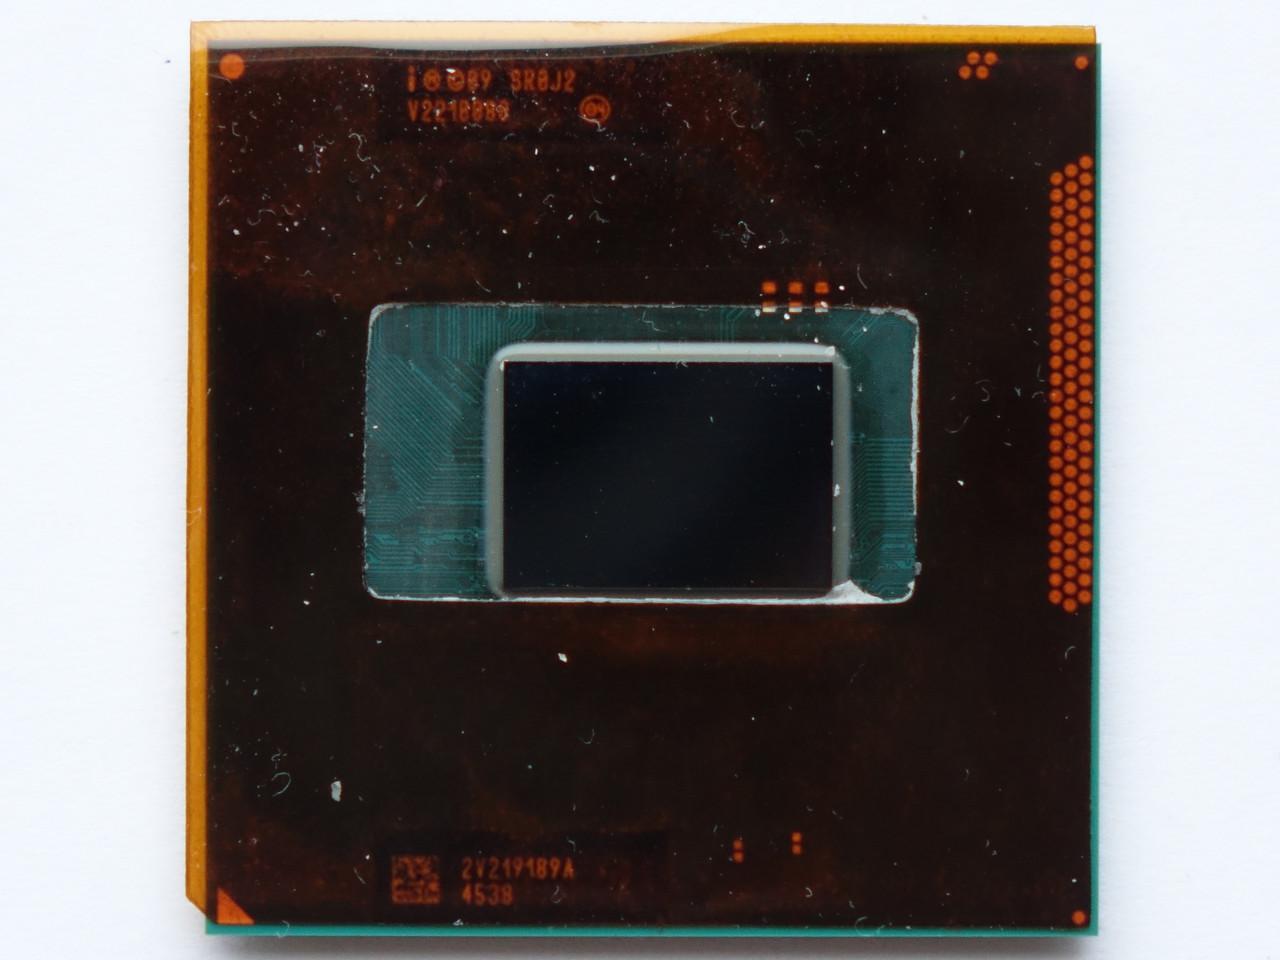 Процессор Intel Pentium B970 (SR0J2 ) 2.3GHz, 2Mb Cache, 35W, Socket G2, 2 Ядра + Intel HD 2000 БУ